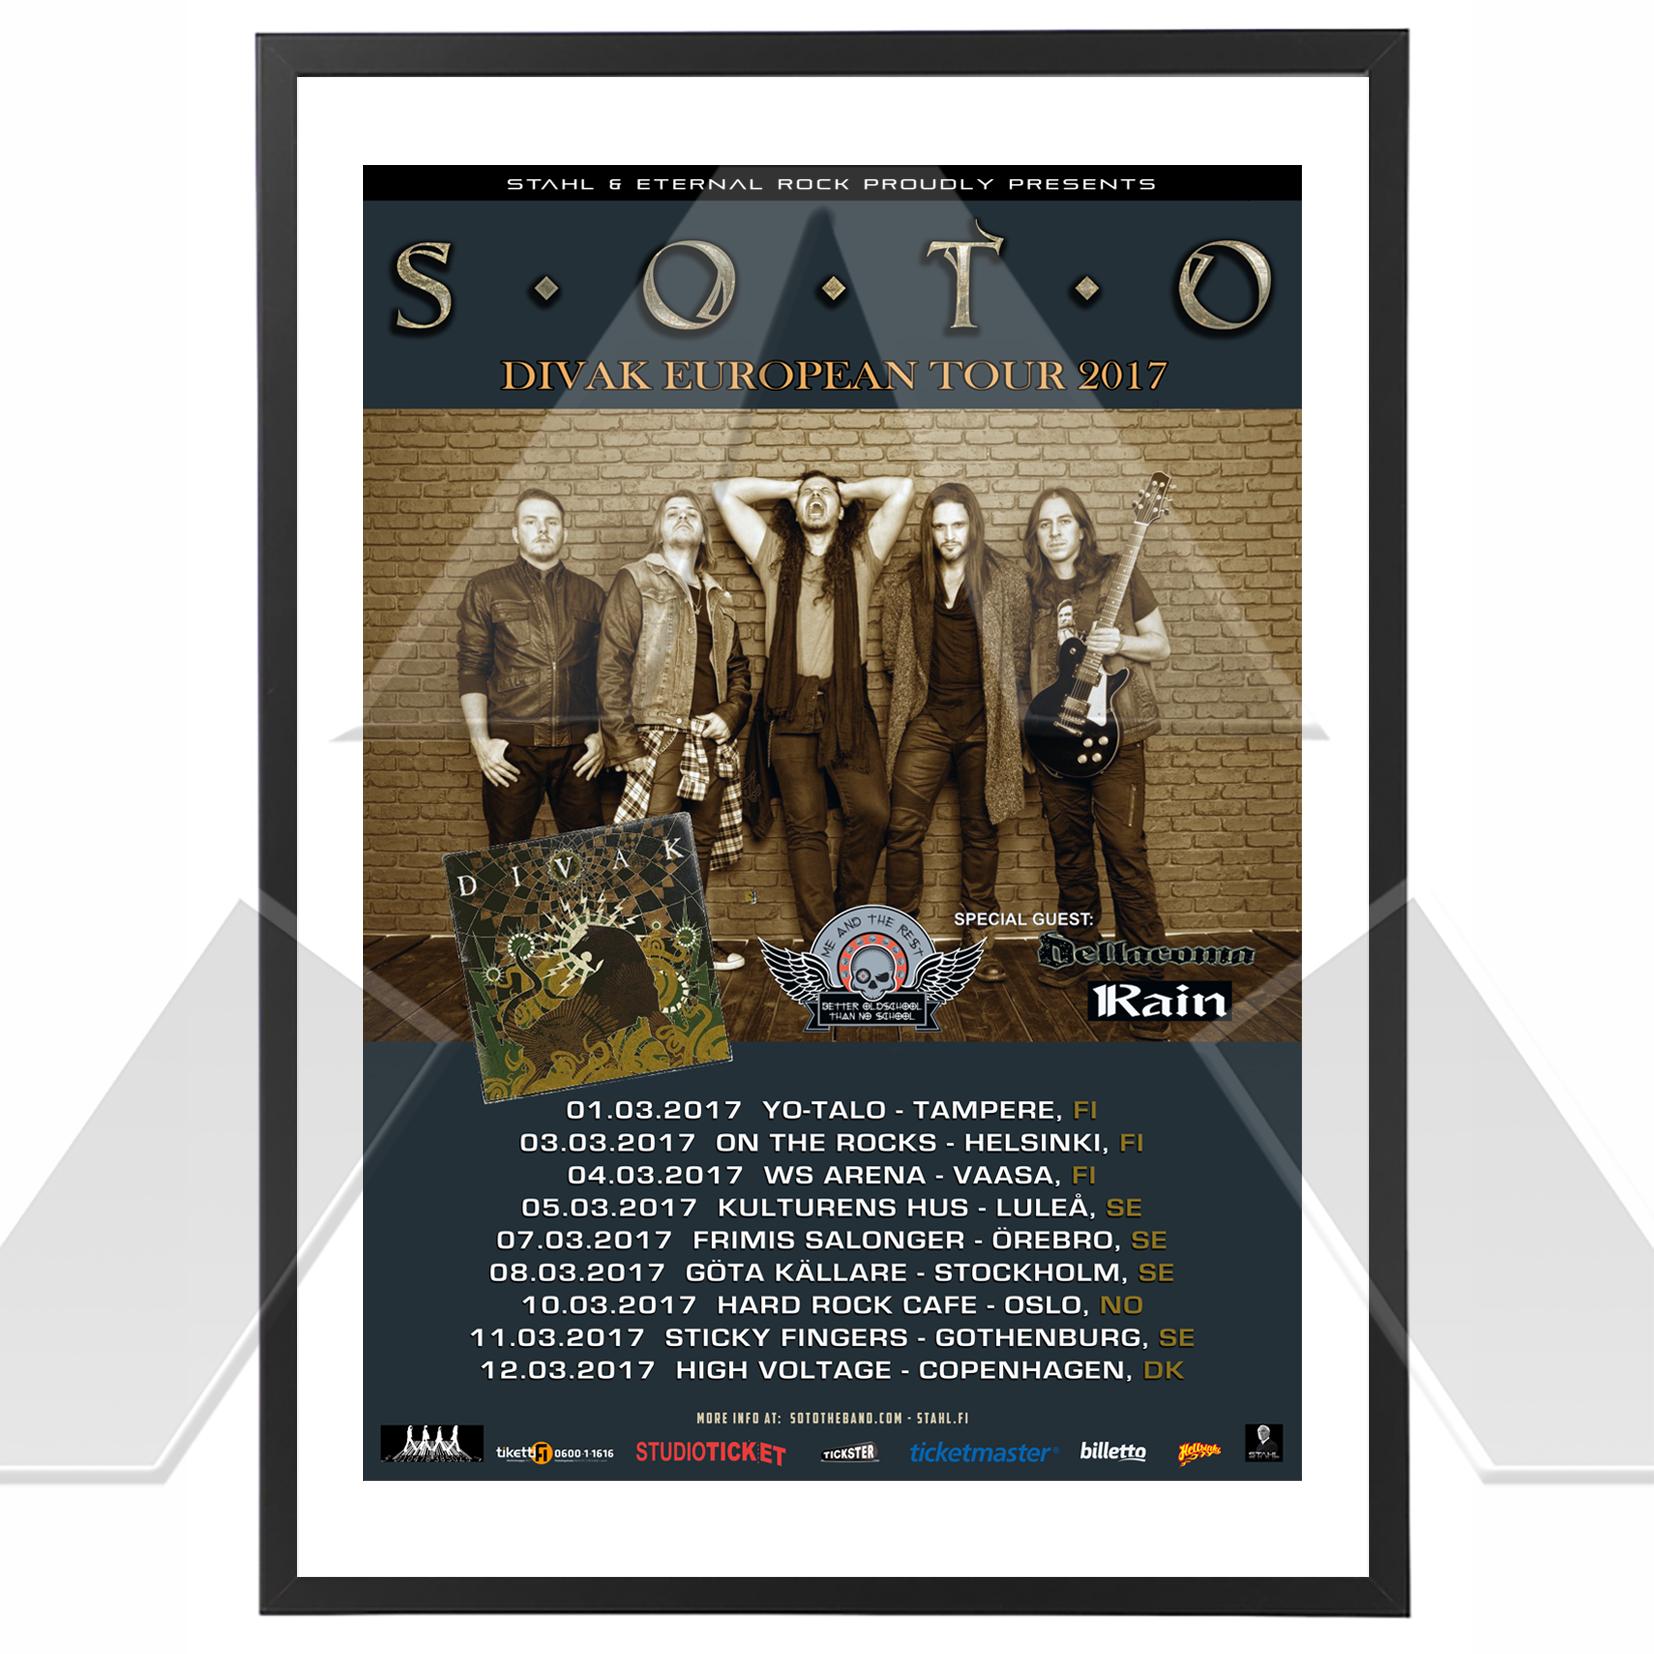 S.O.T.O ★ Divak European Tour 2017 (tour poster)